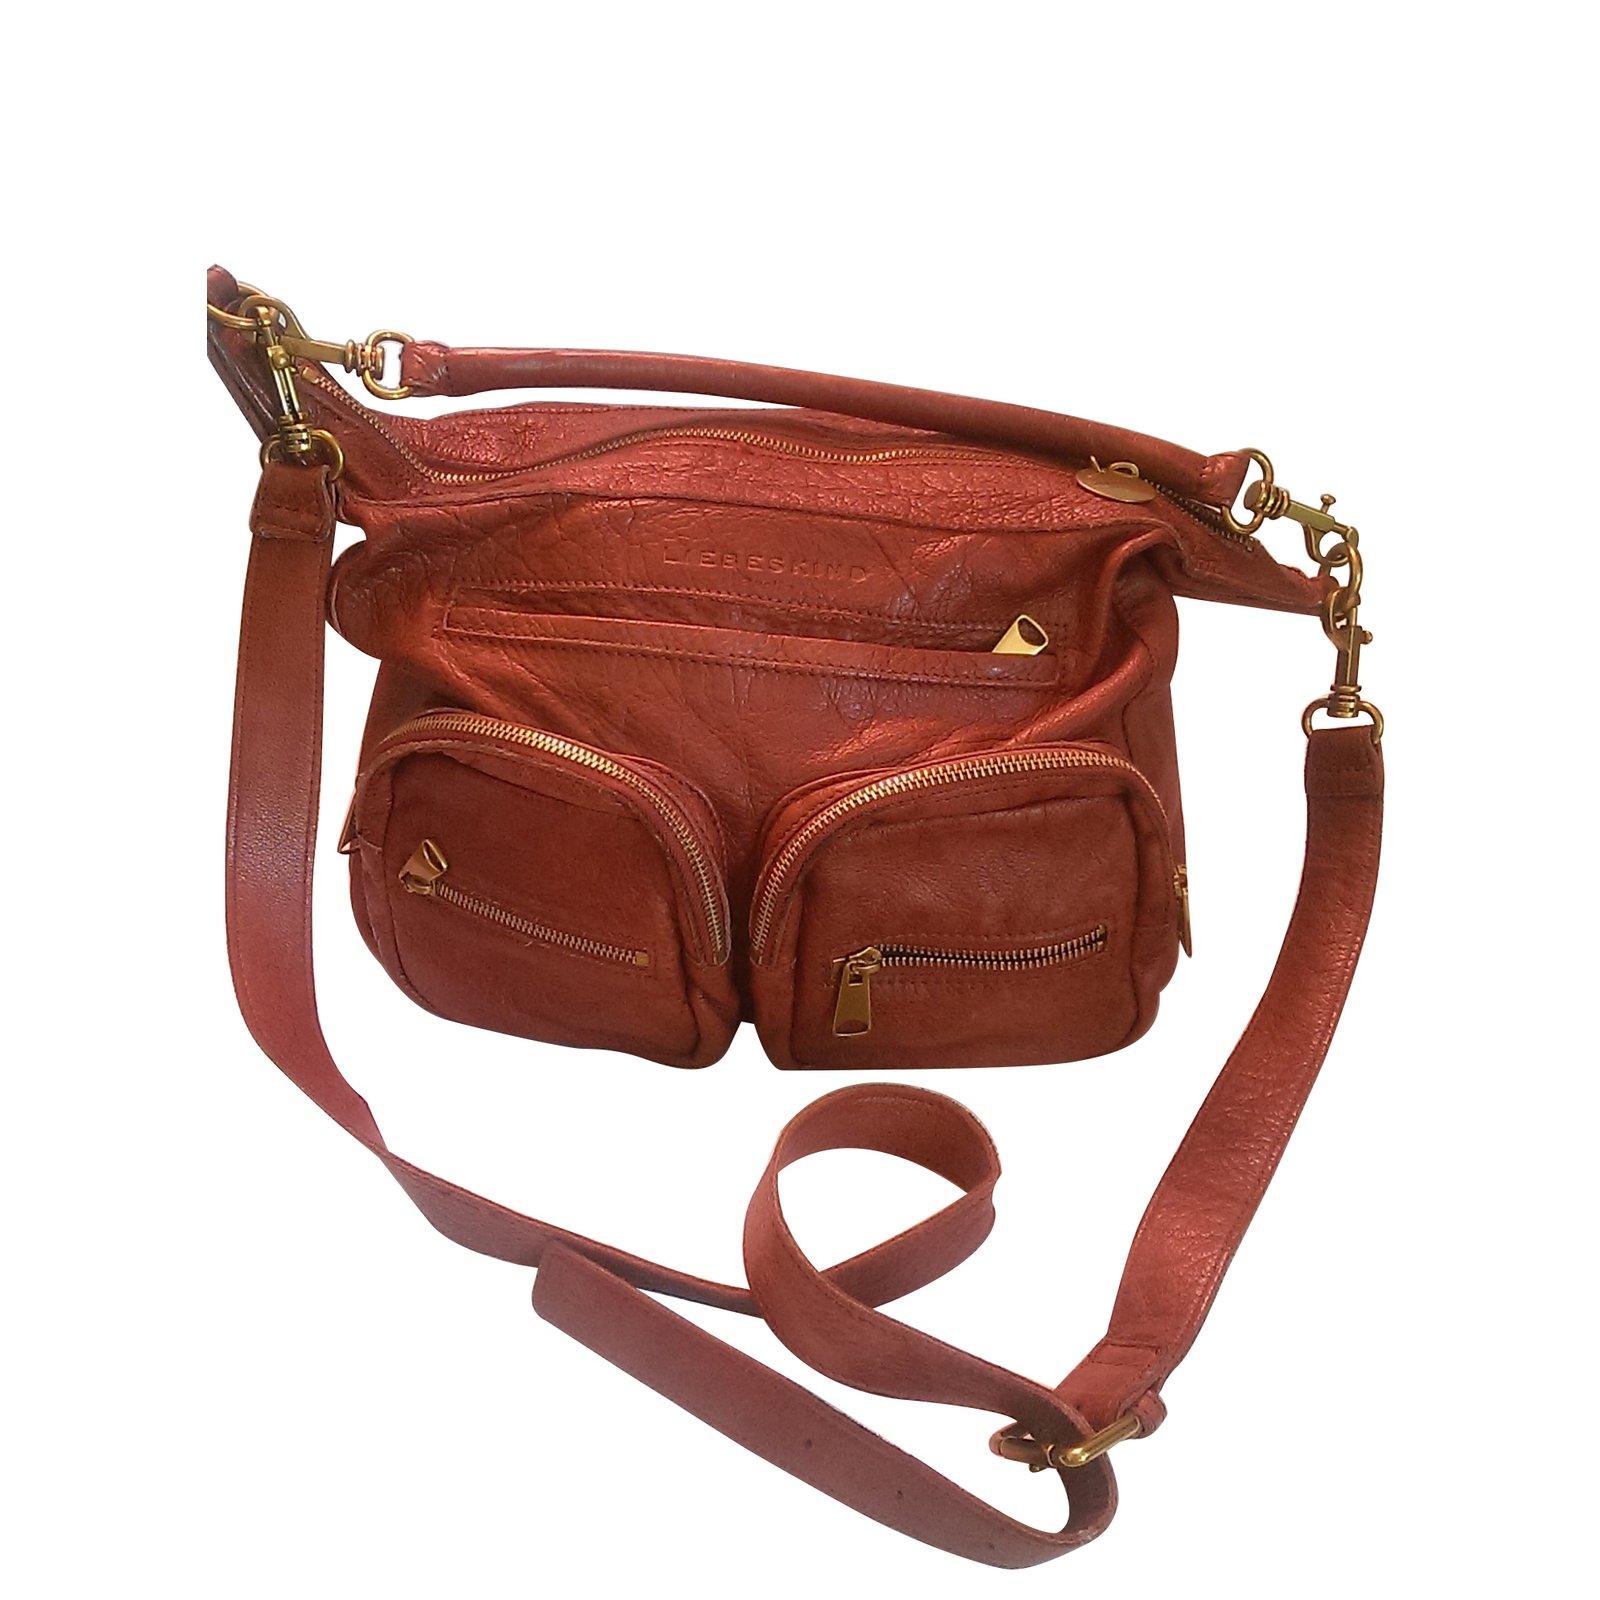 Liebeskind Berlin Handbags Leather Dark Red Ref 87243